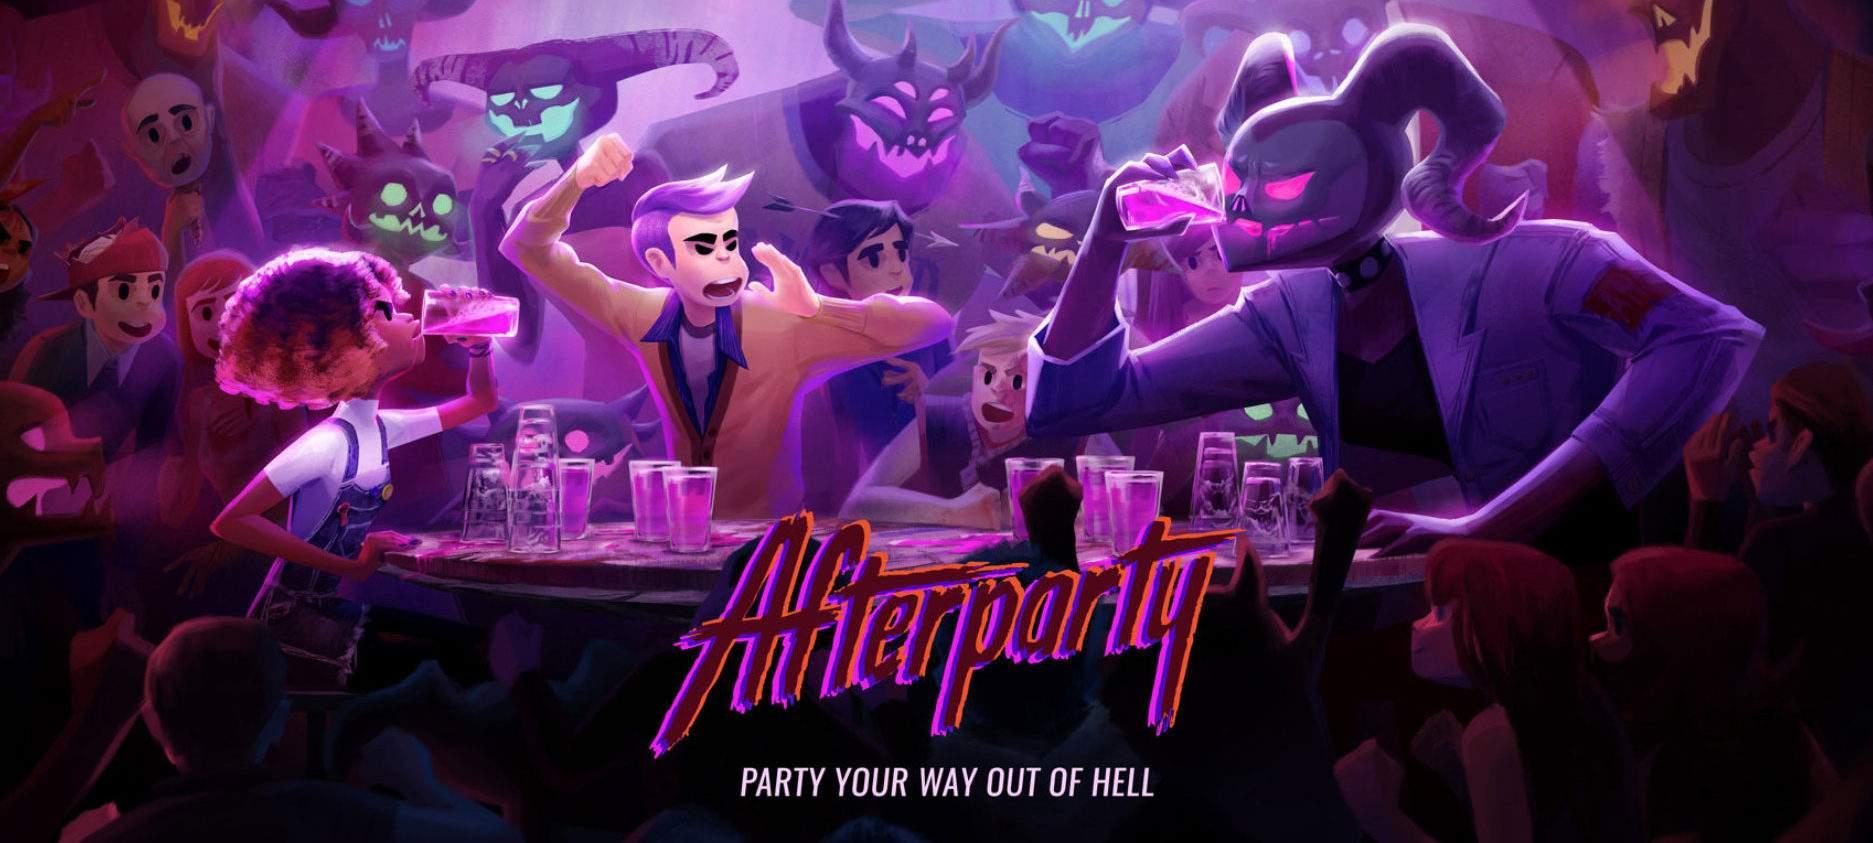 《派对之后》IGN评分8.5:喧嚣又有趣的地狱之夜